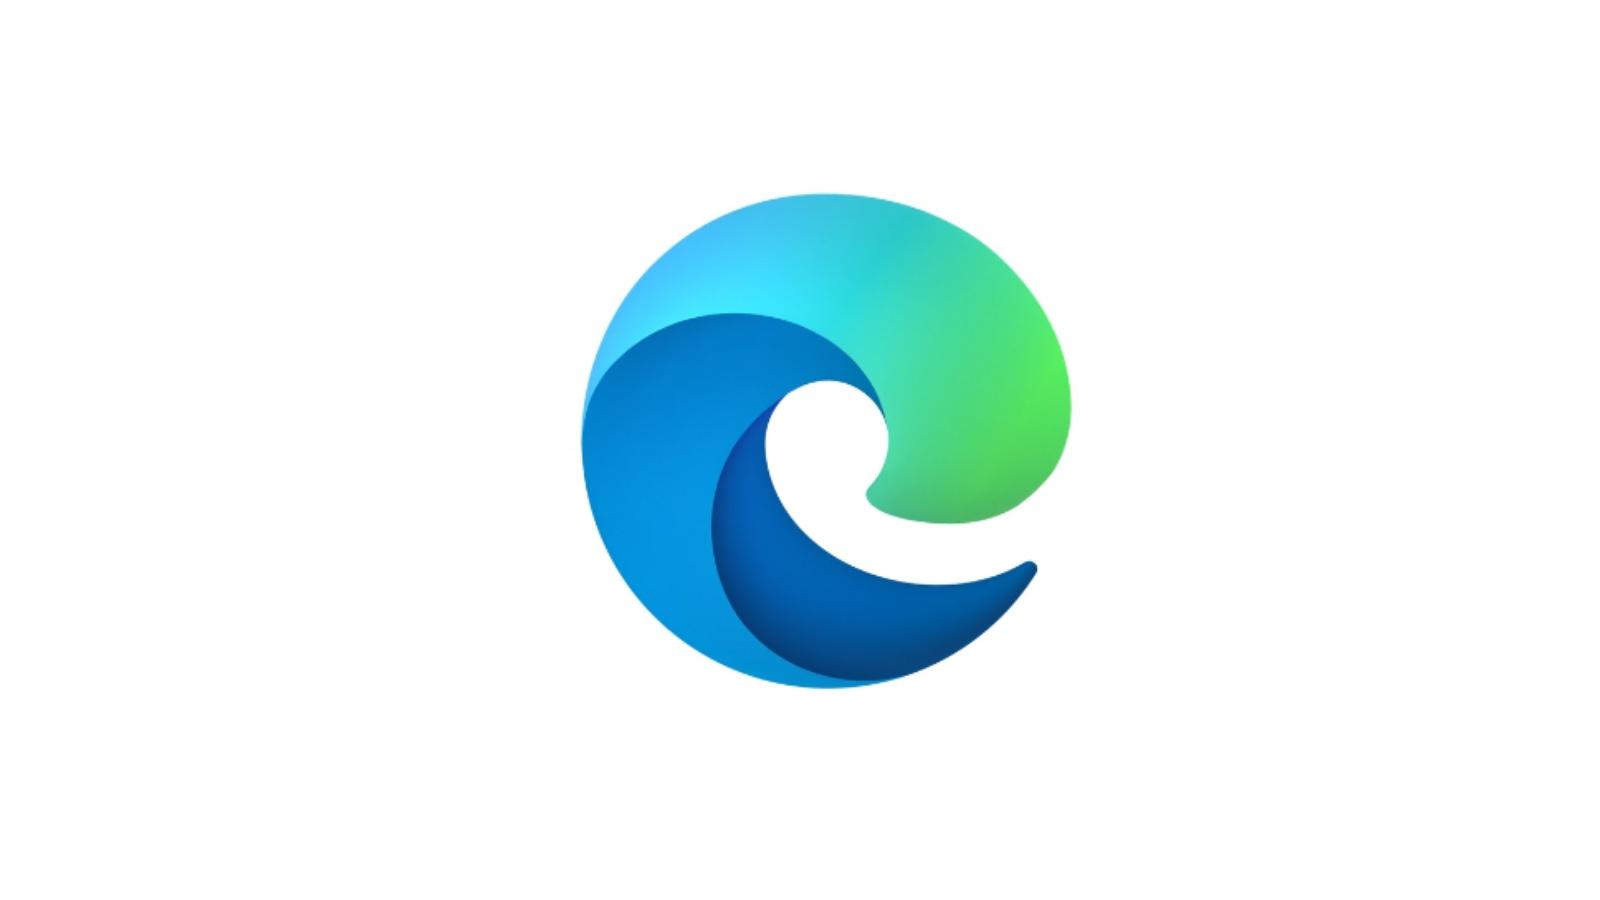 Edge Browser per Windows Update: Alte Variante wird automatisch ersetzt